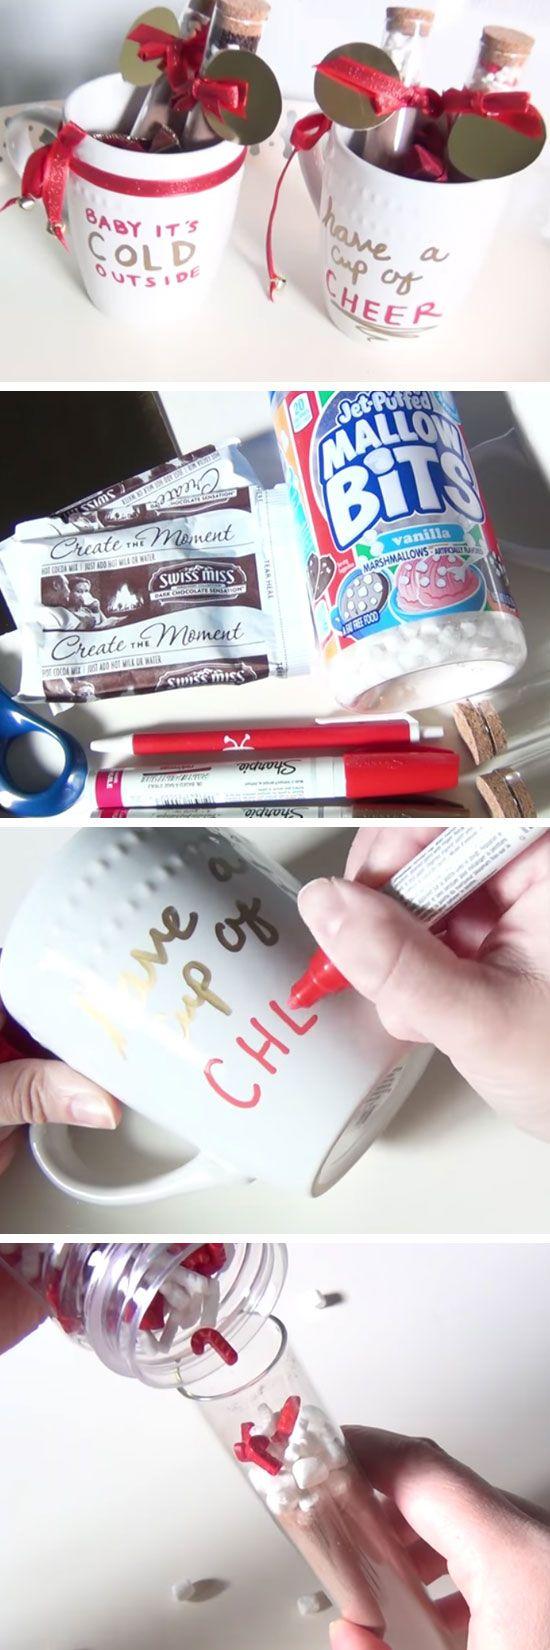 Christmas Cocoa Mugs | DIY Christmas Gifts for Mom | Easy Holiday Gift Ideas for Grandma